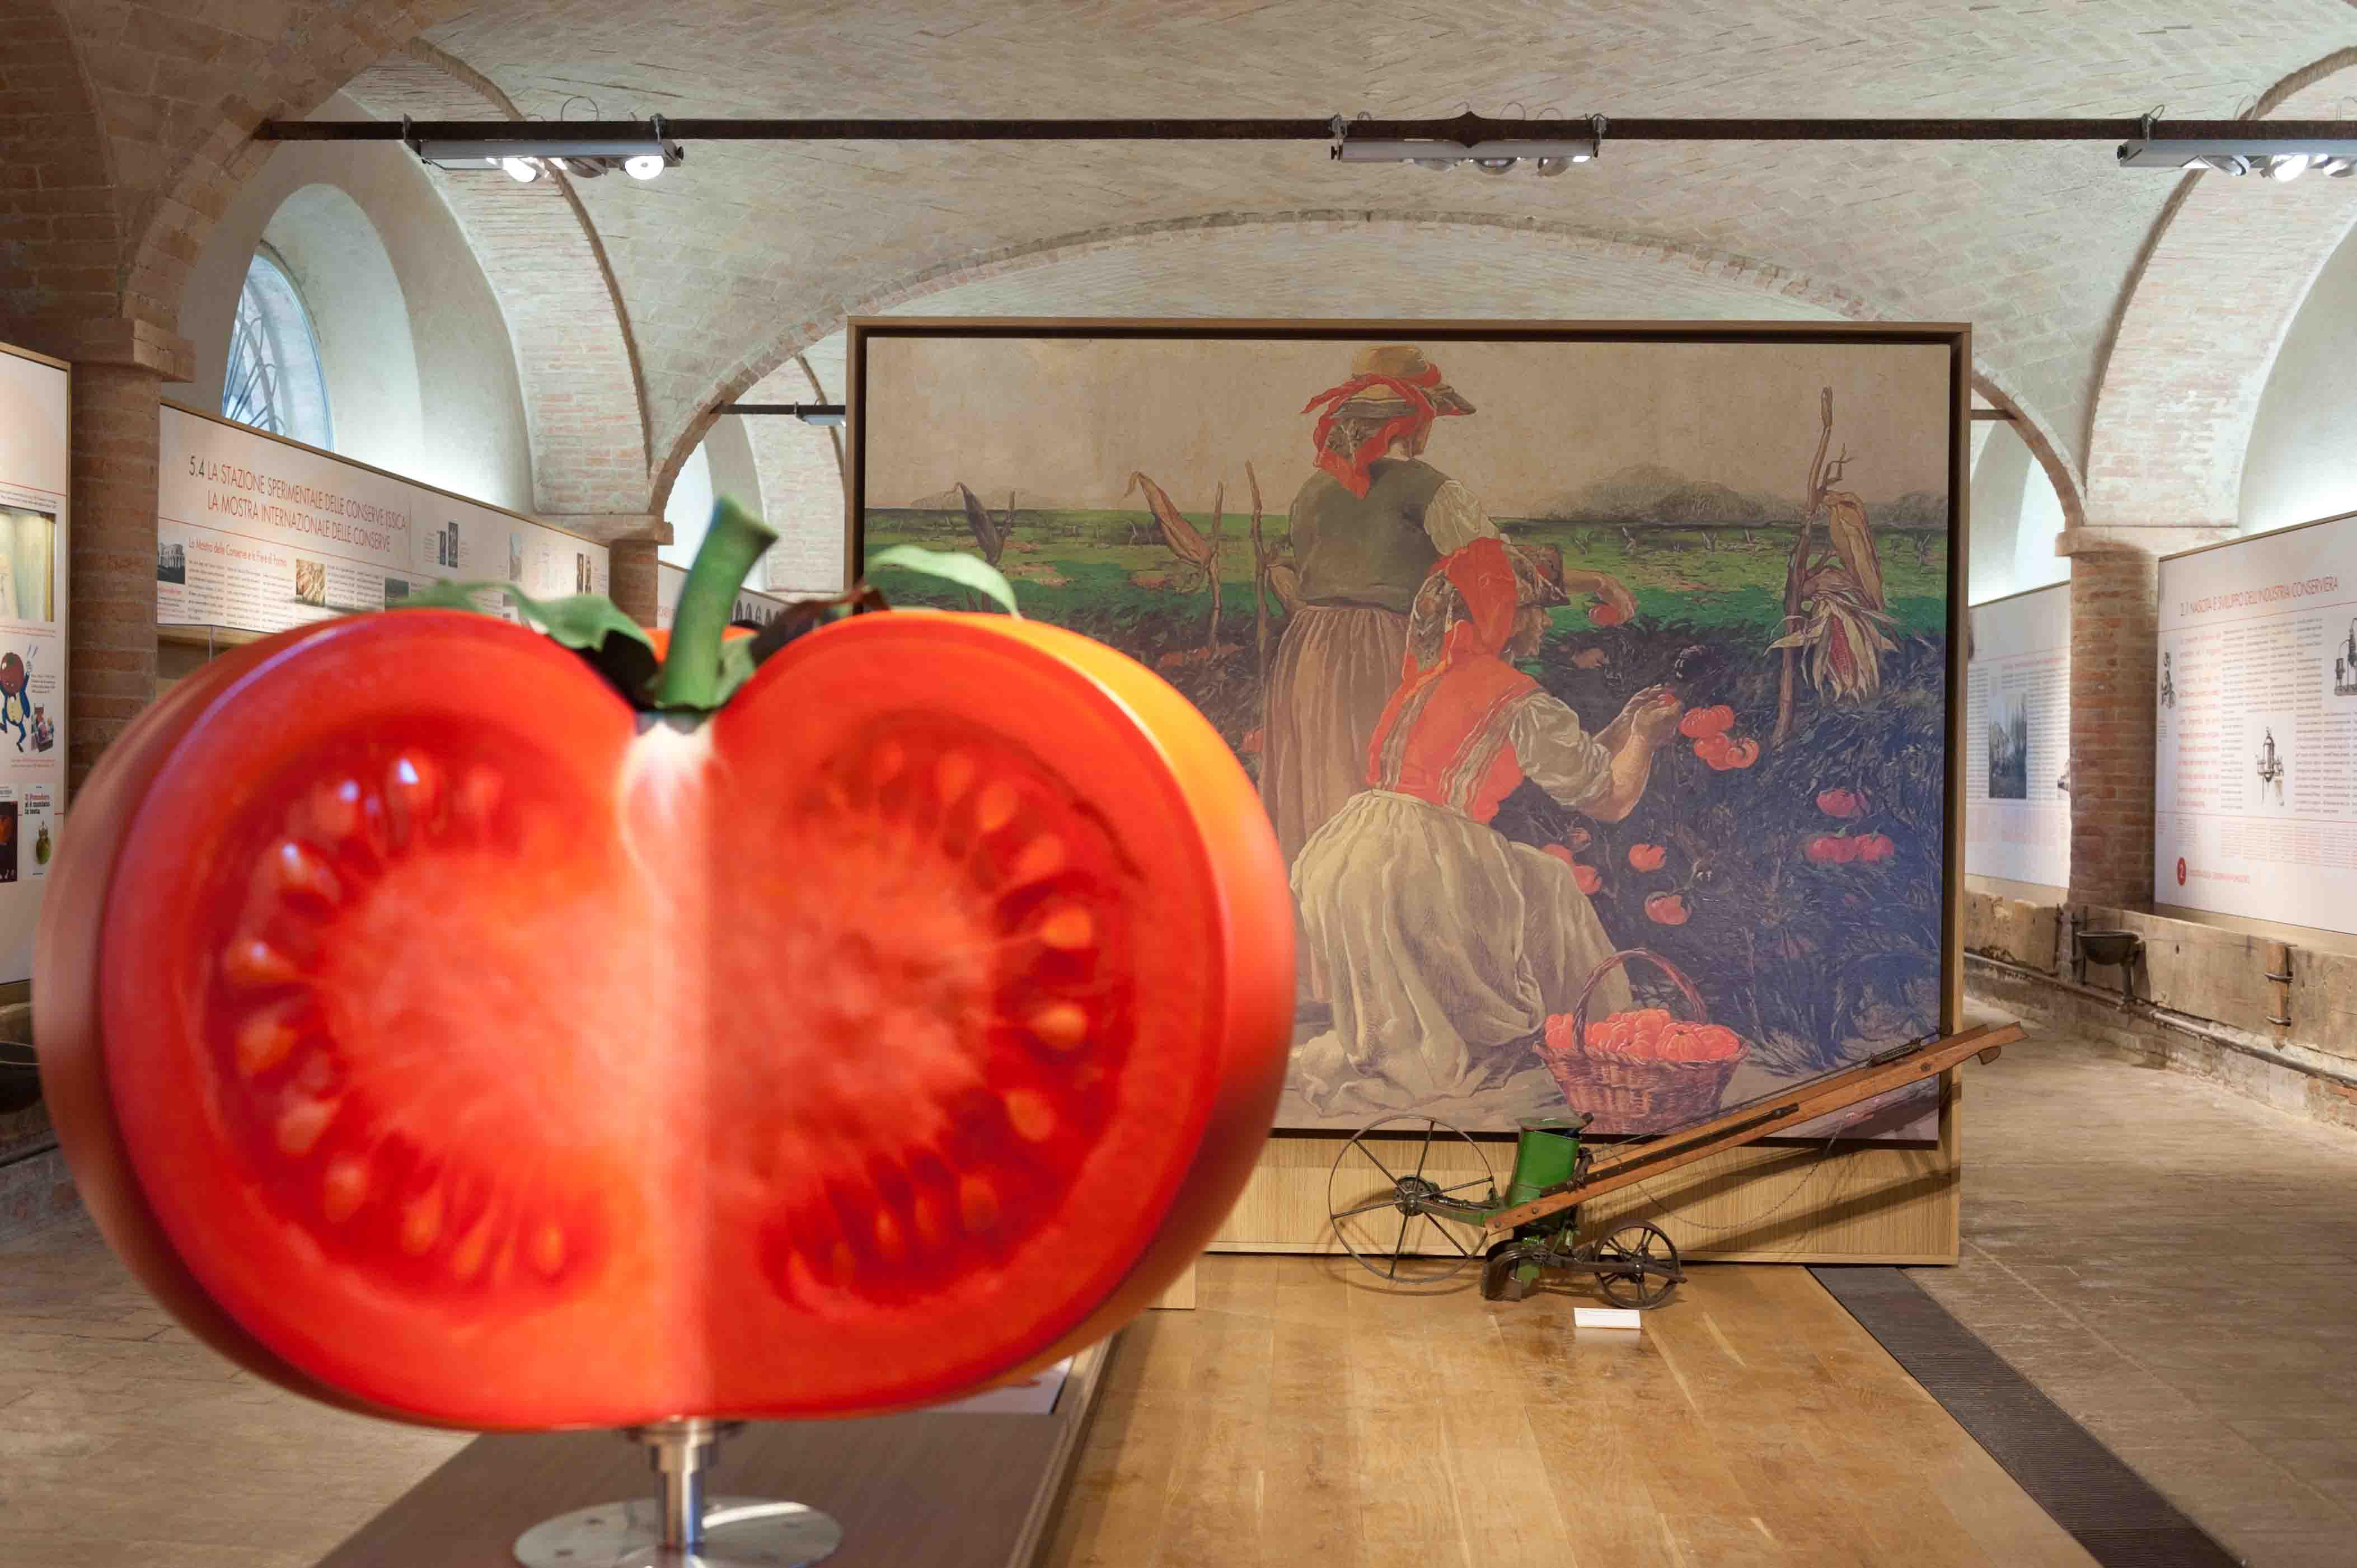 Museo del Pomodoro - Il pomodoro gigante (foto Luca Rossi)